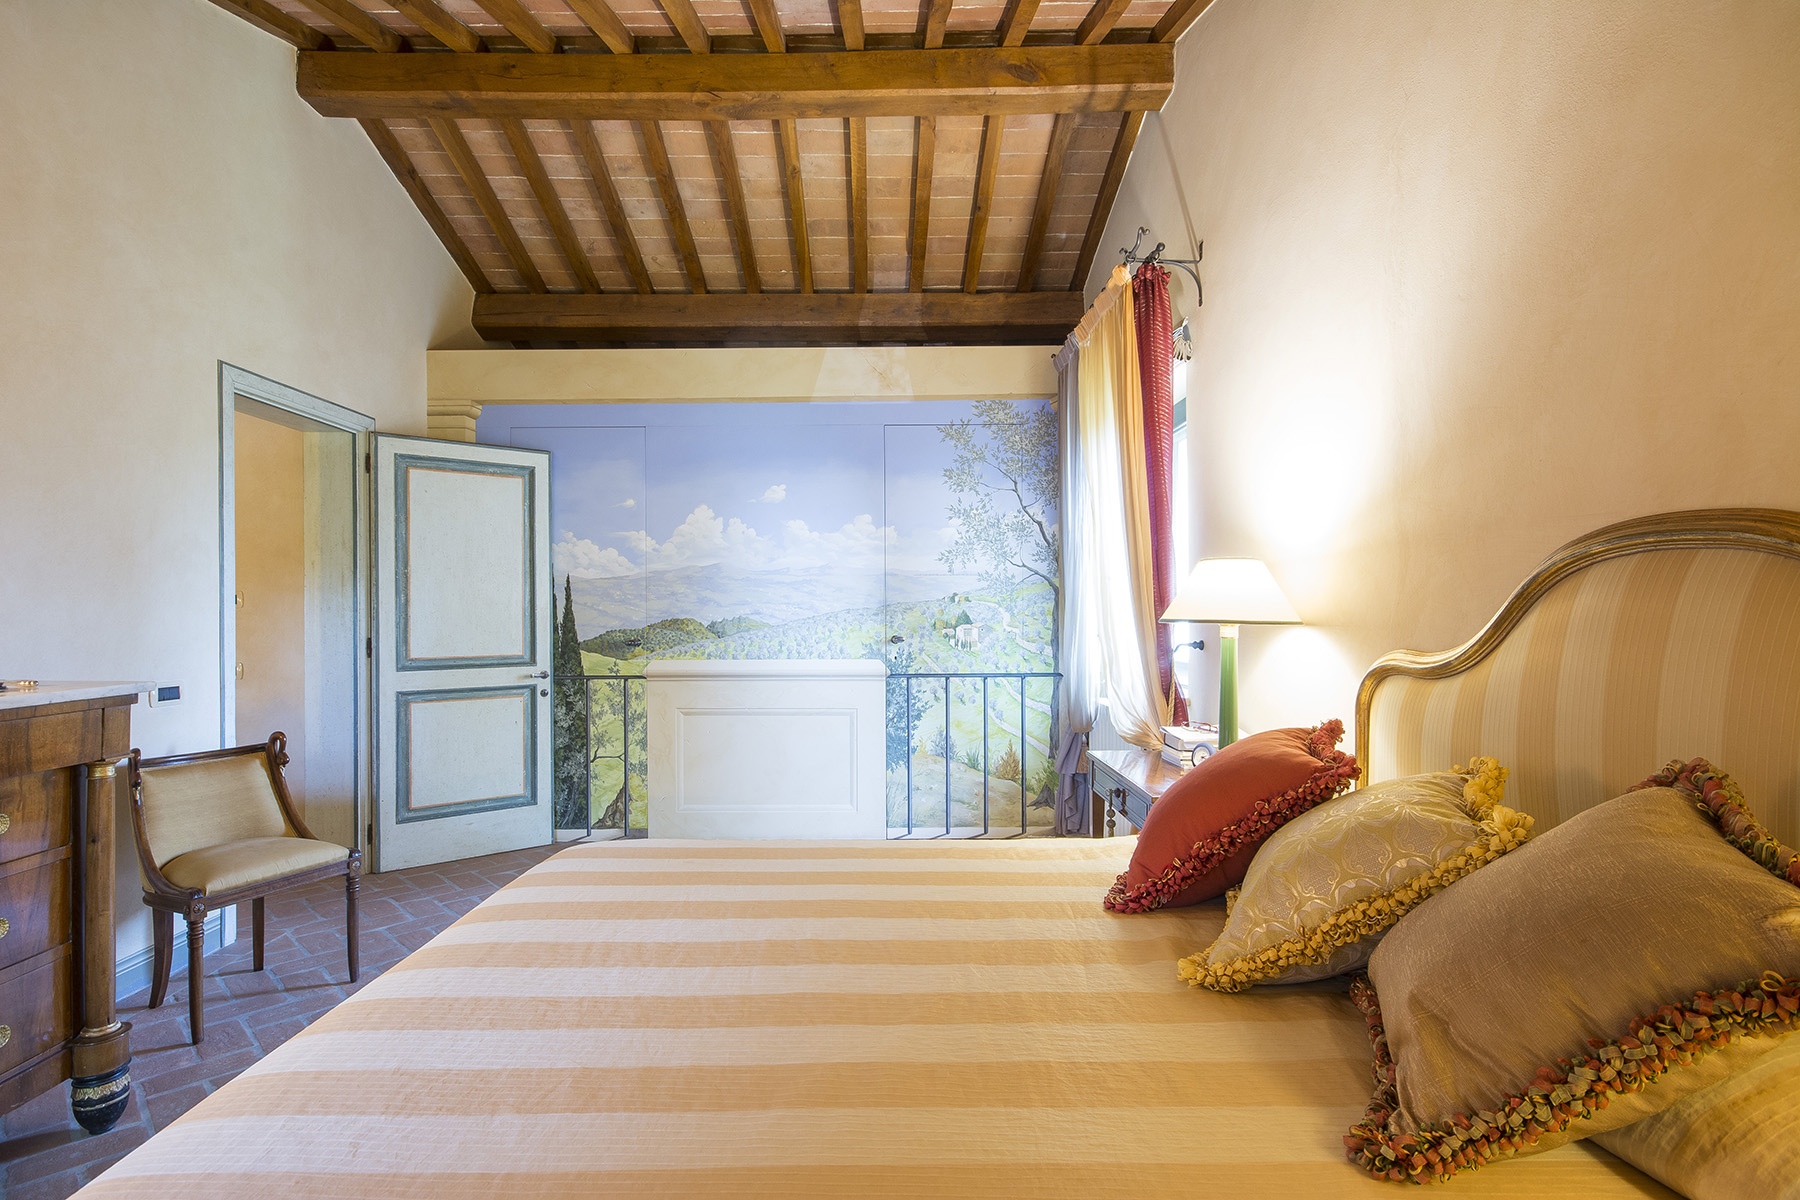 Rustico in Vendita a Vinci: 5 locali, 414 mq - Foto 16